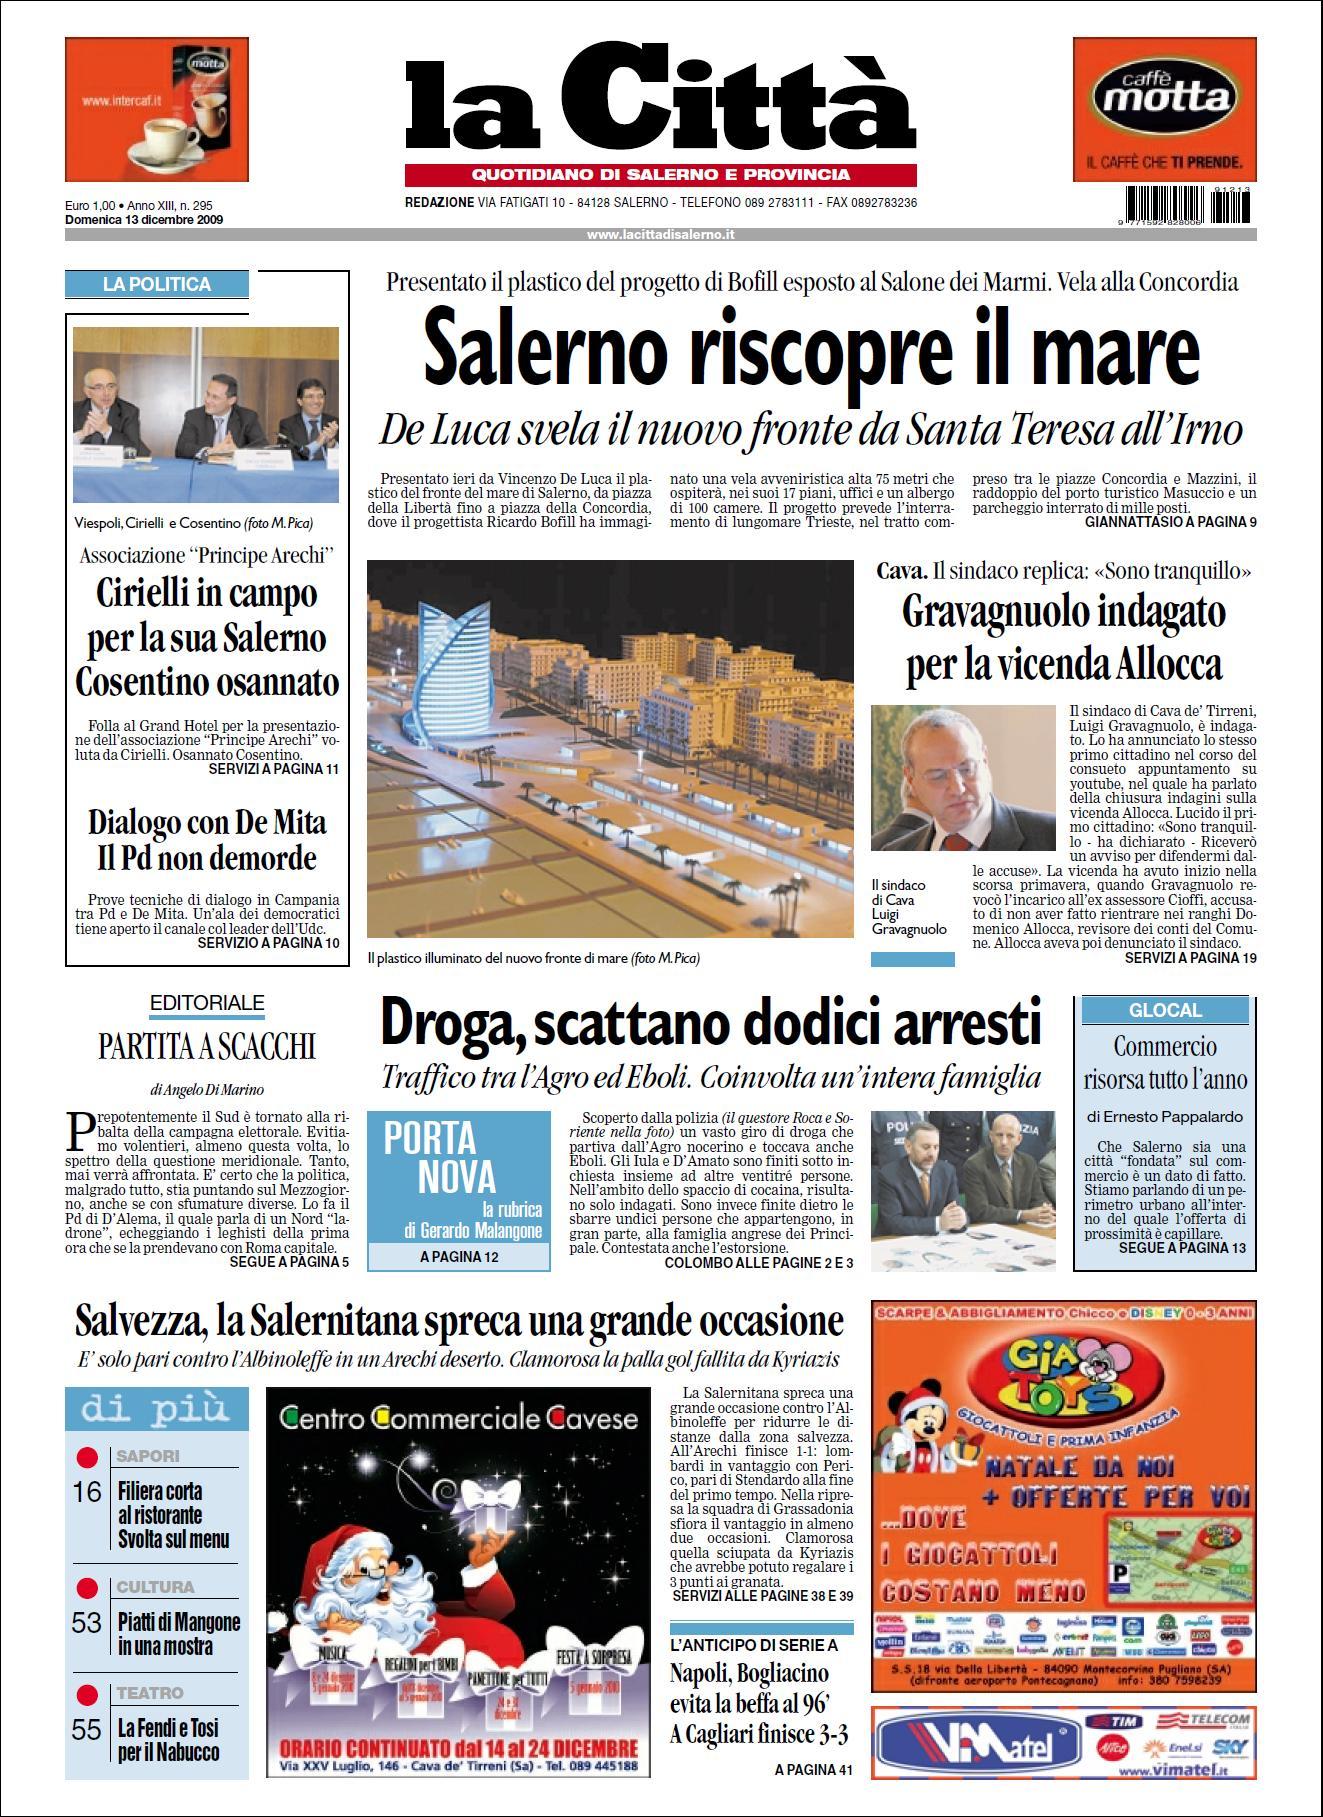 LA CITTA DI SALERNO 13 DICEMBRE 2009